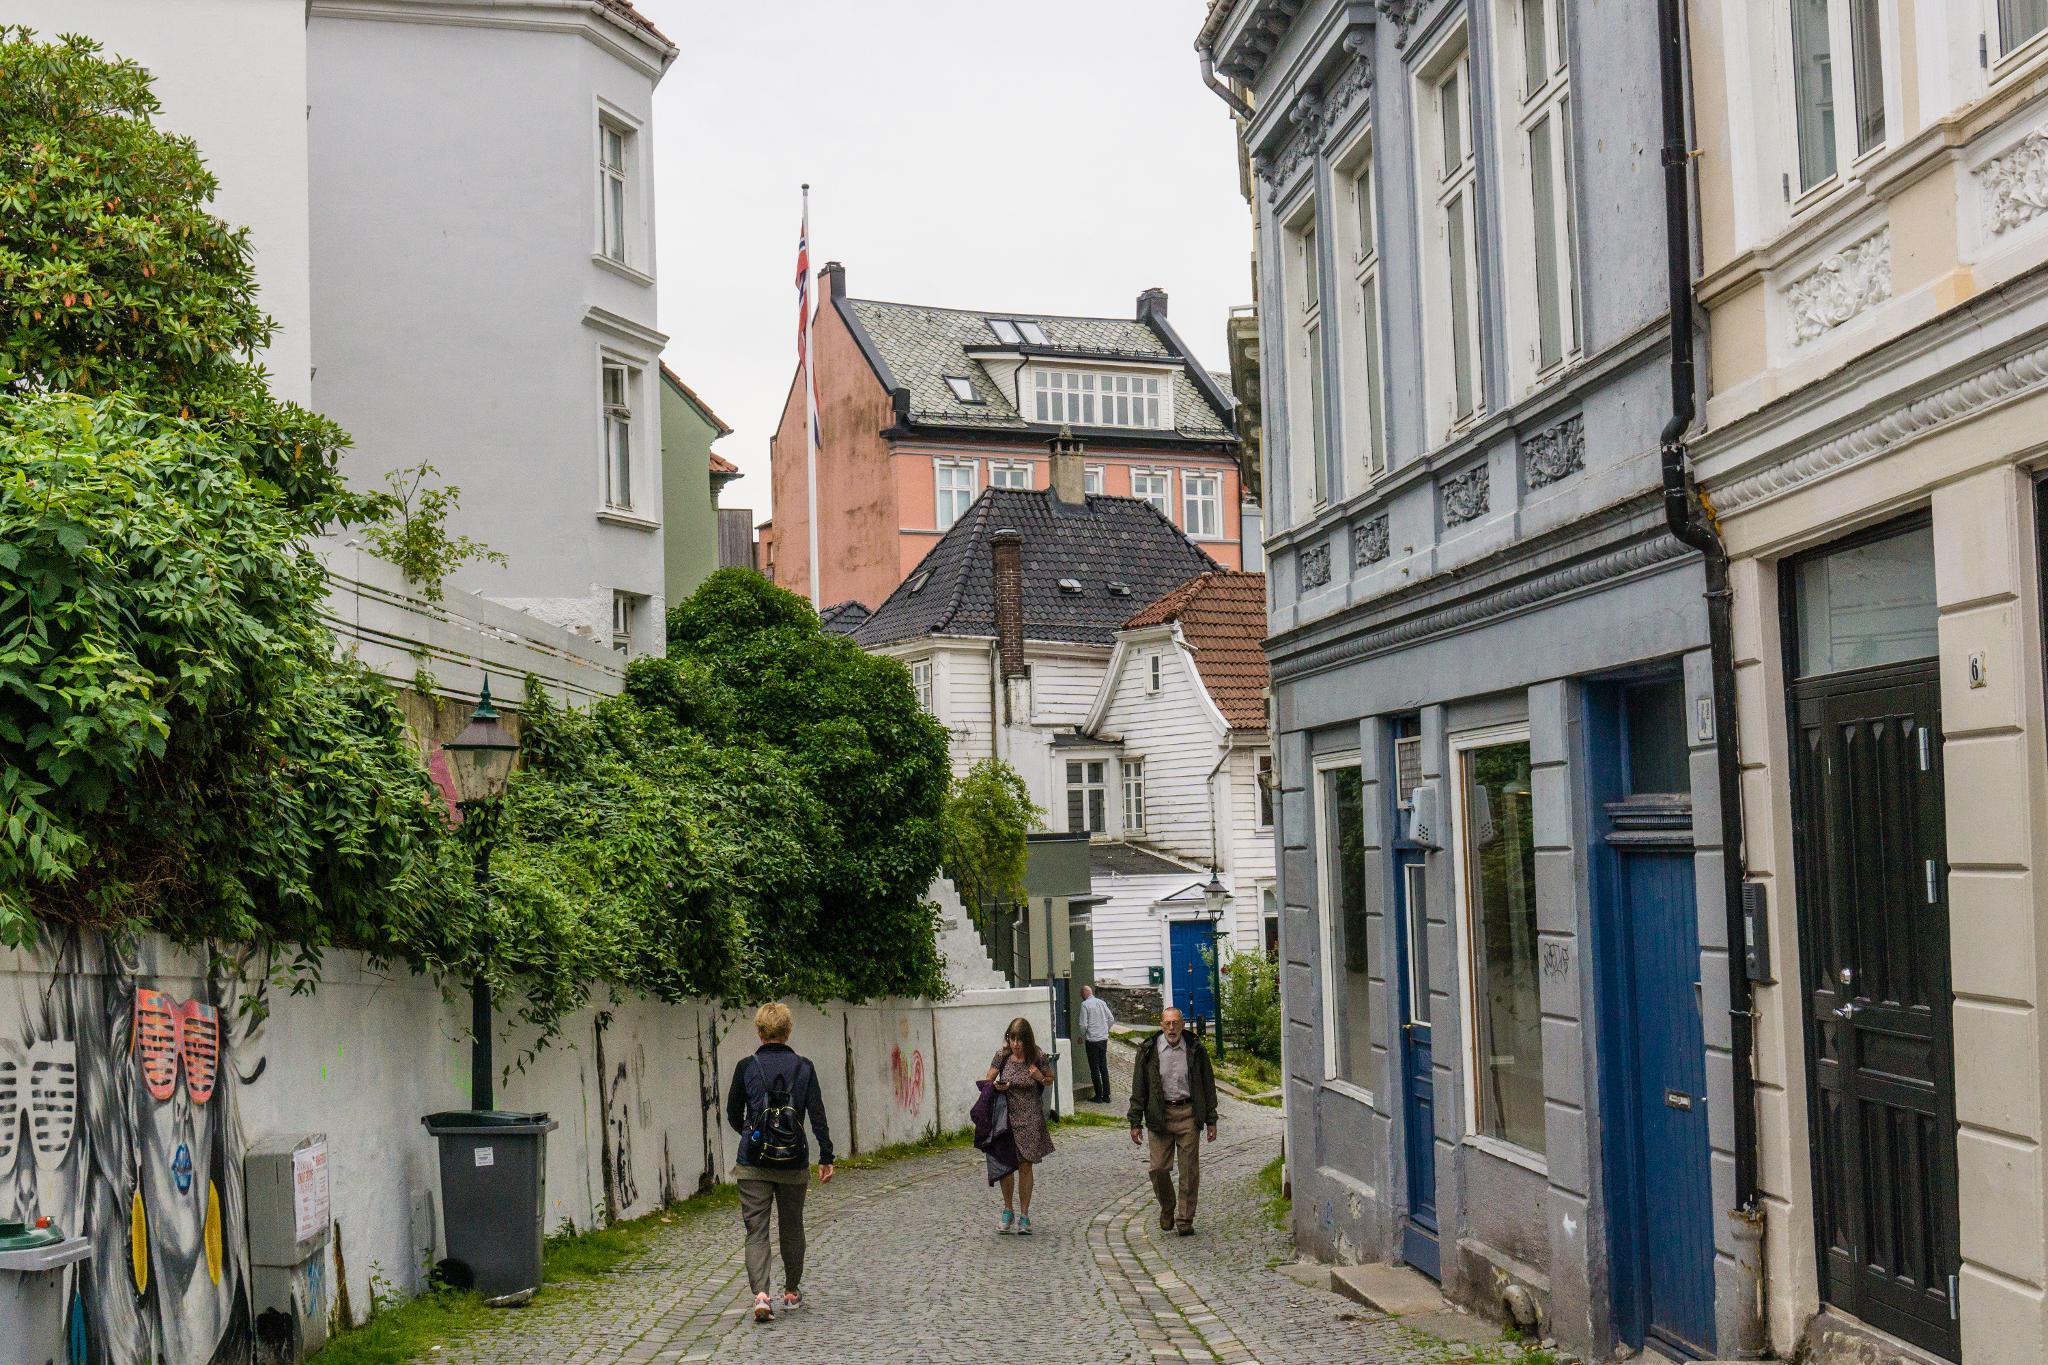 【卑爾根】旅行隨筆:走入卑爾根郊區的尋常百姓家 38